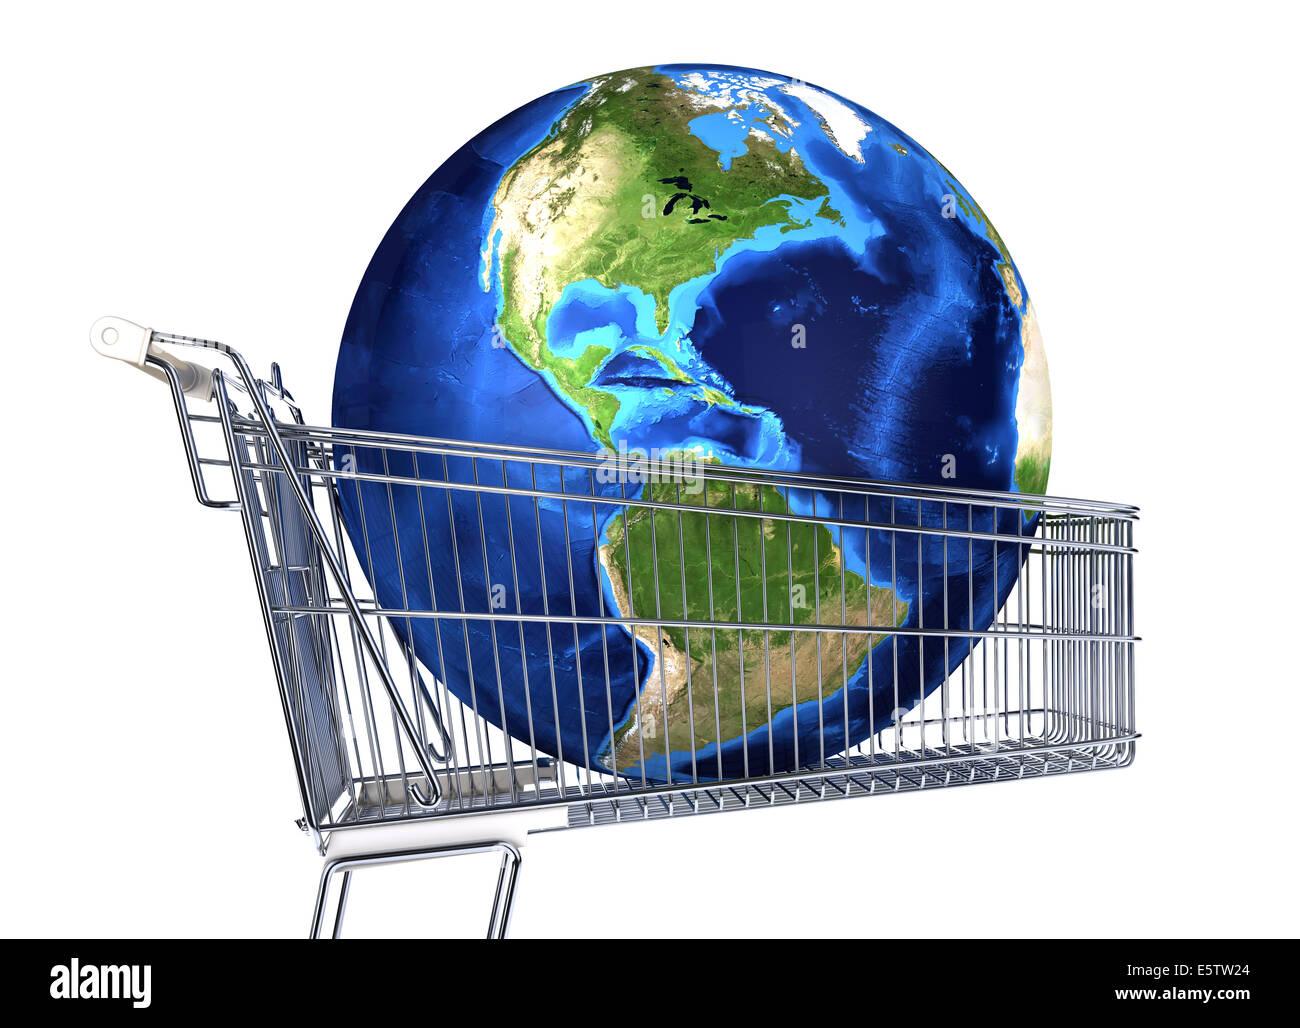 La planète Terre en chariot de supermarché. Amériques vue. Sur fond blanc. Chemin de détourage Photo Stock